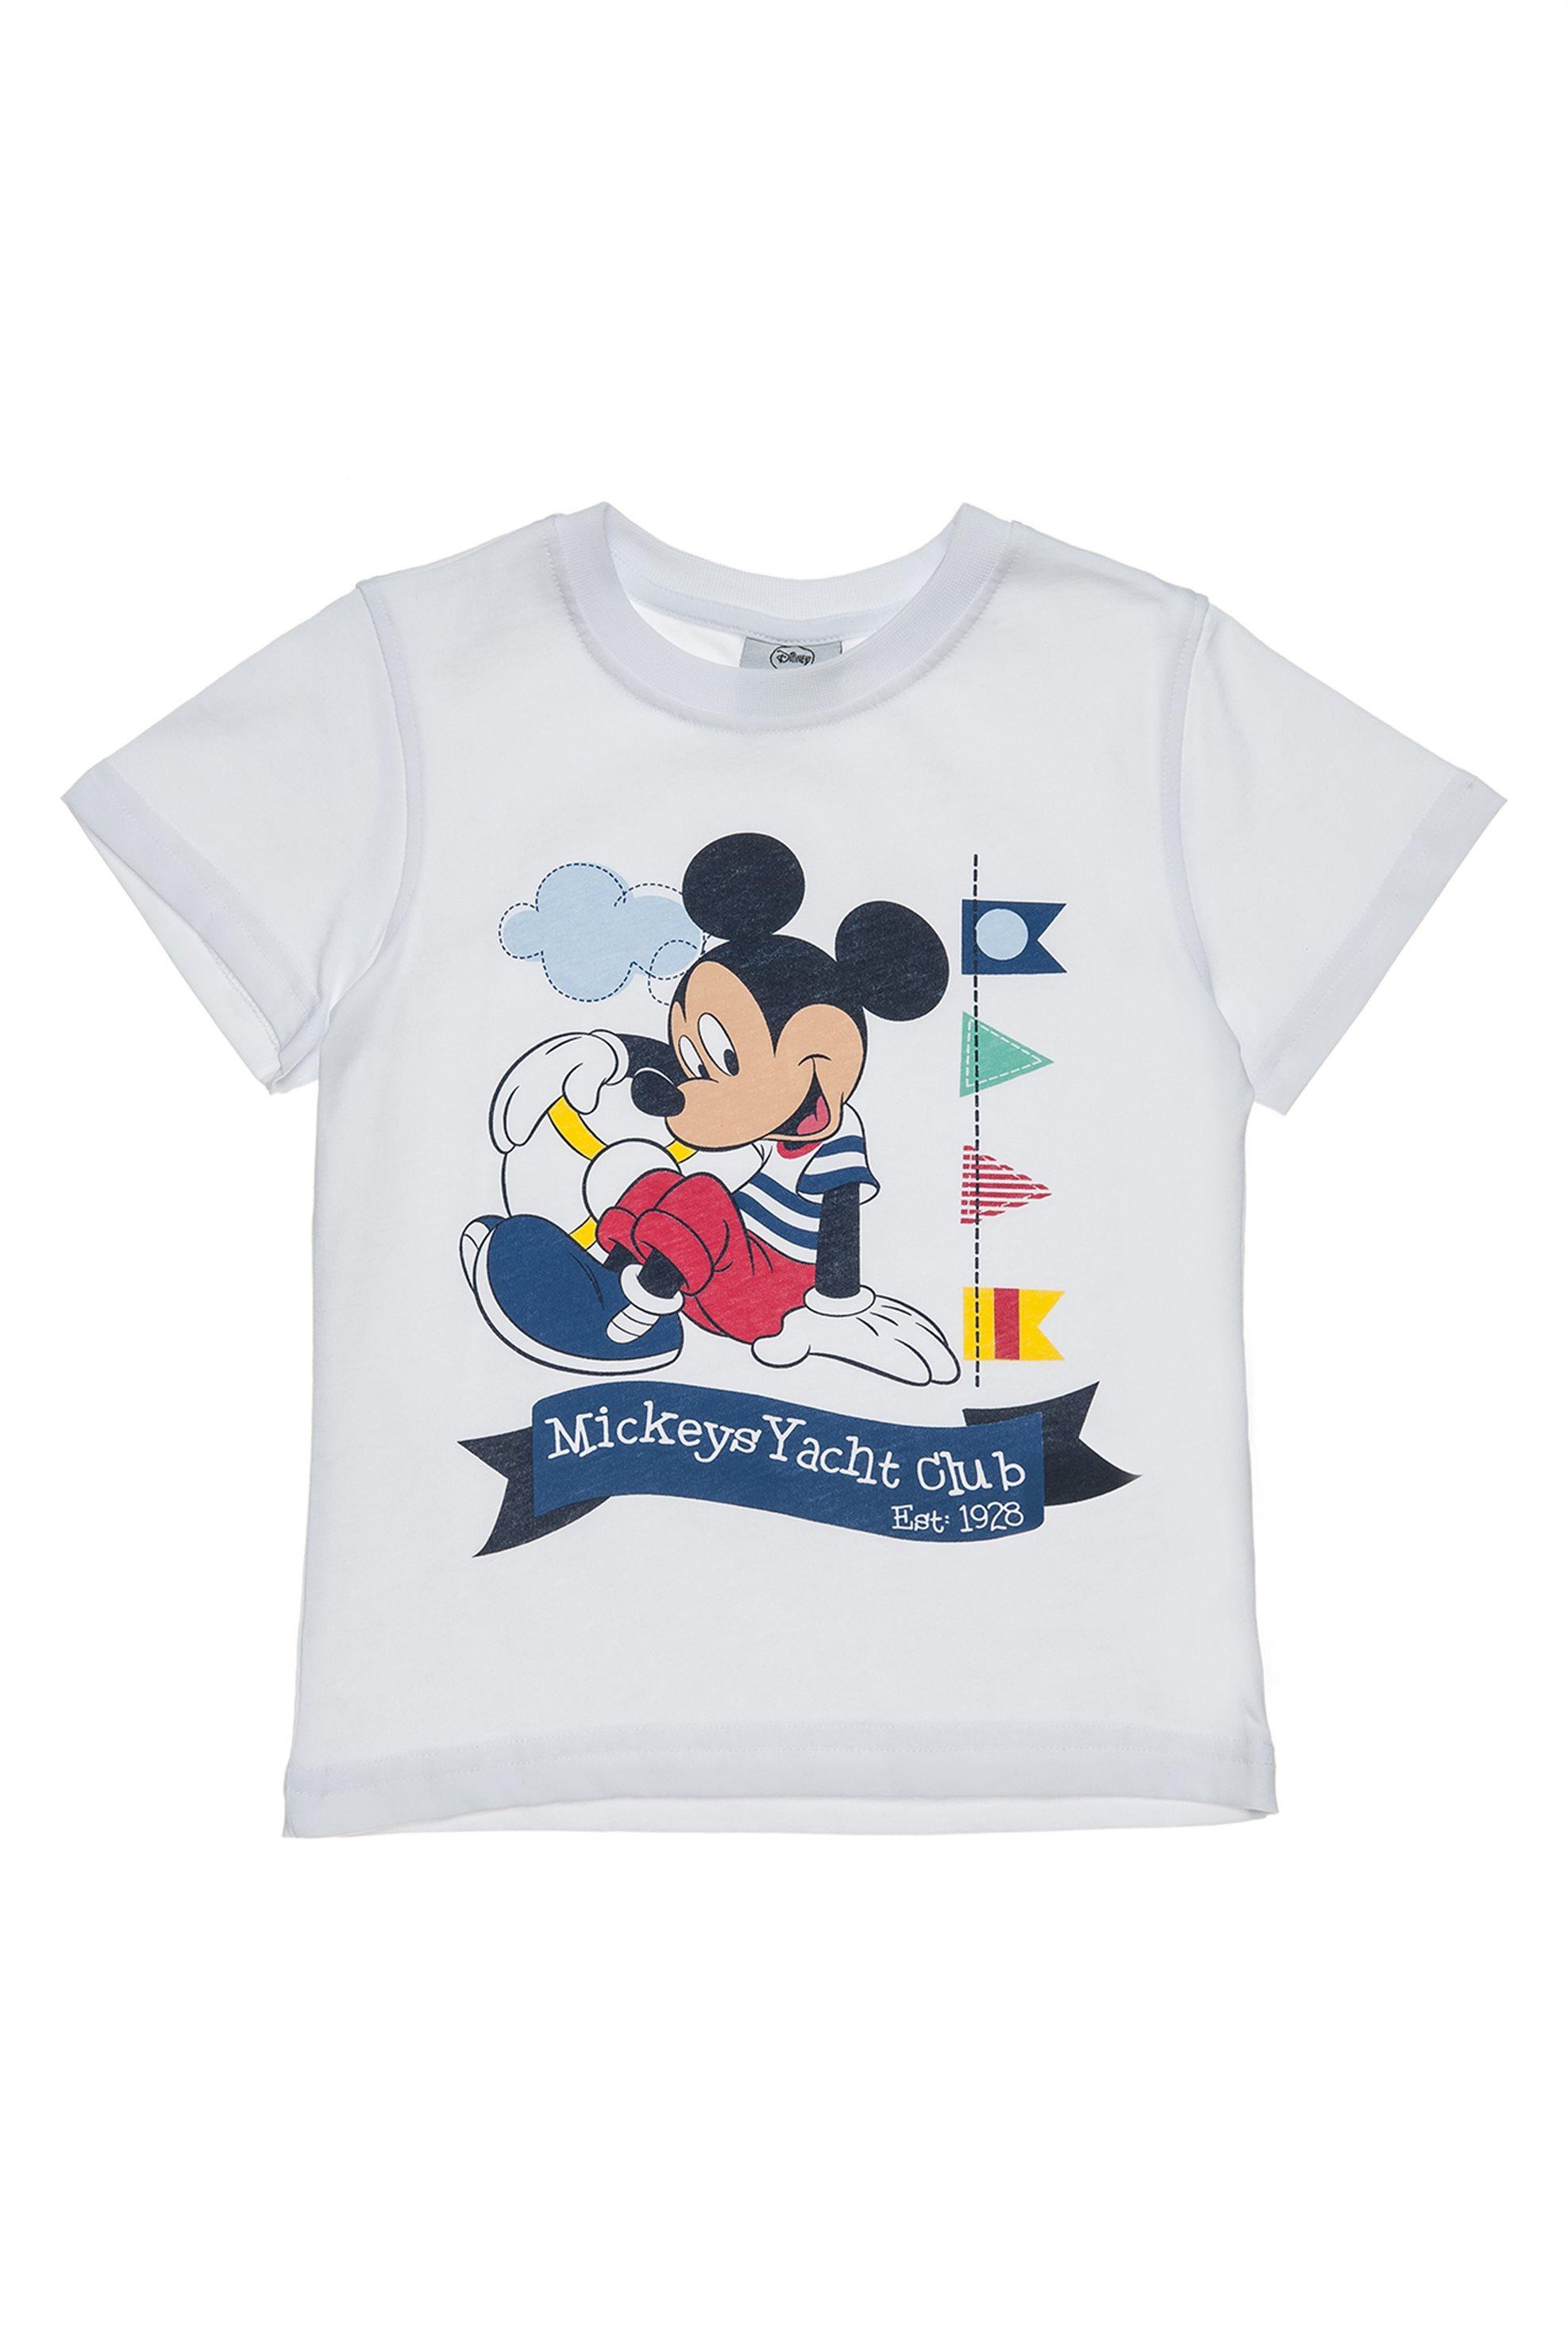 Παιδικό T-shirt μονόχρωμο Mickey Mouse Disney - 00350705 - Λευκό παιδι   βρεφικα αγορι   0 3 ετων   αγορι   4 14 ετων   ρούχα   μπλουζάκια   παντ